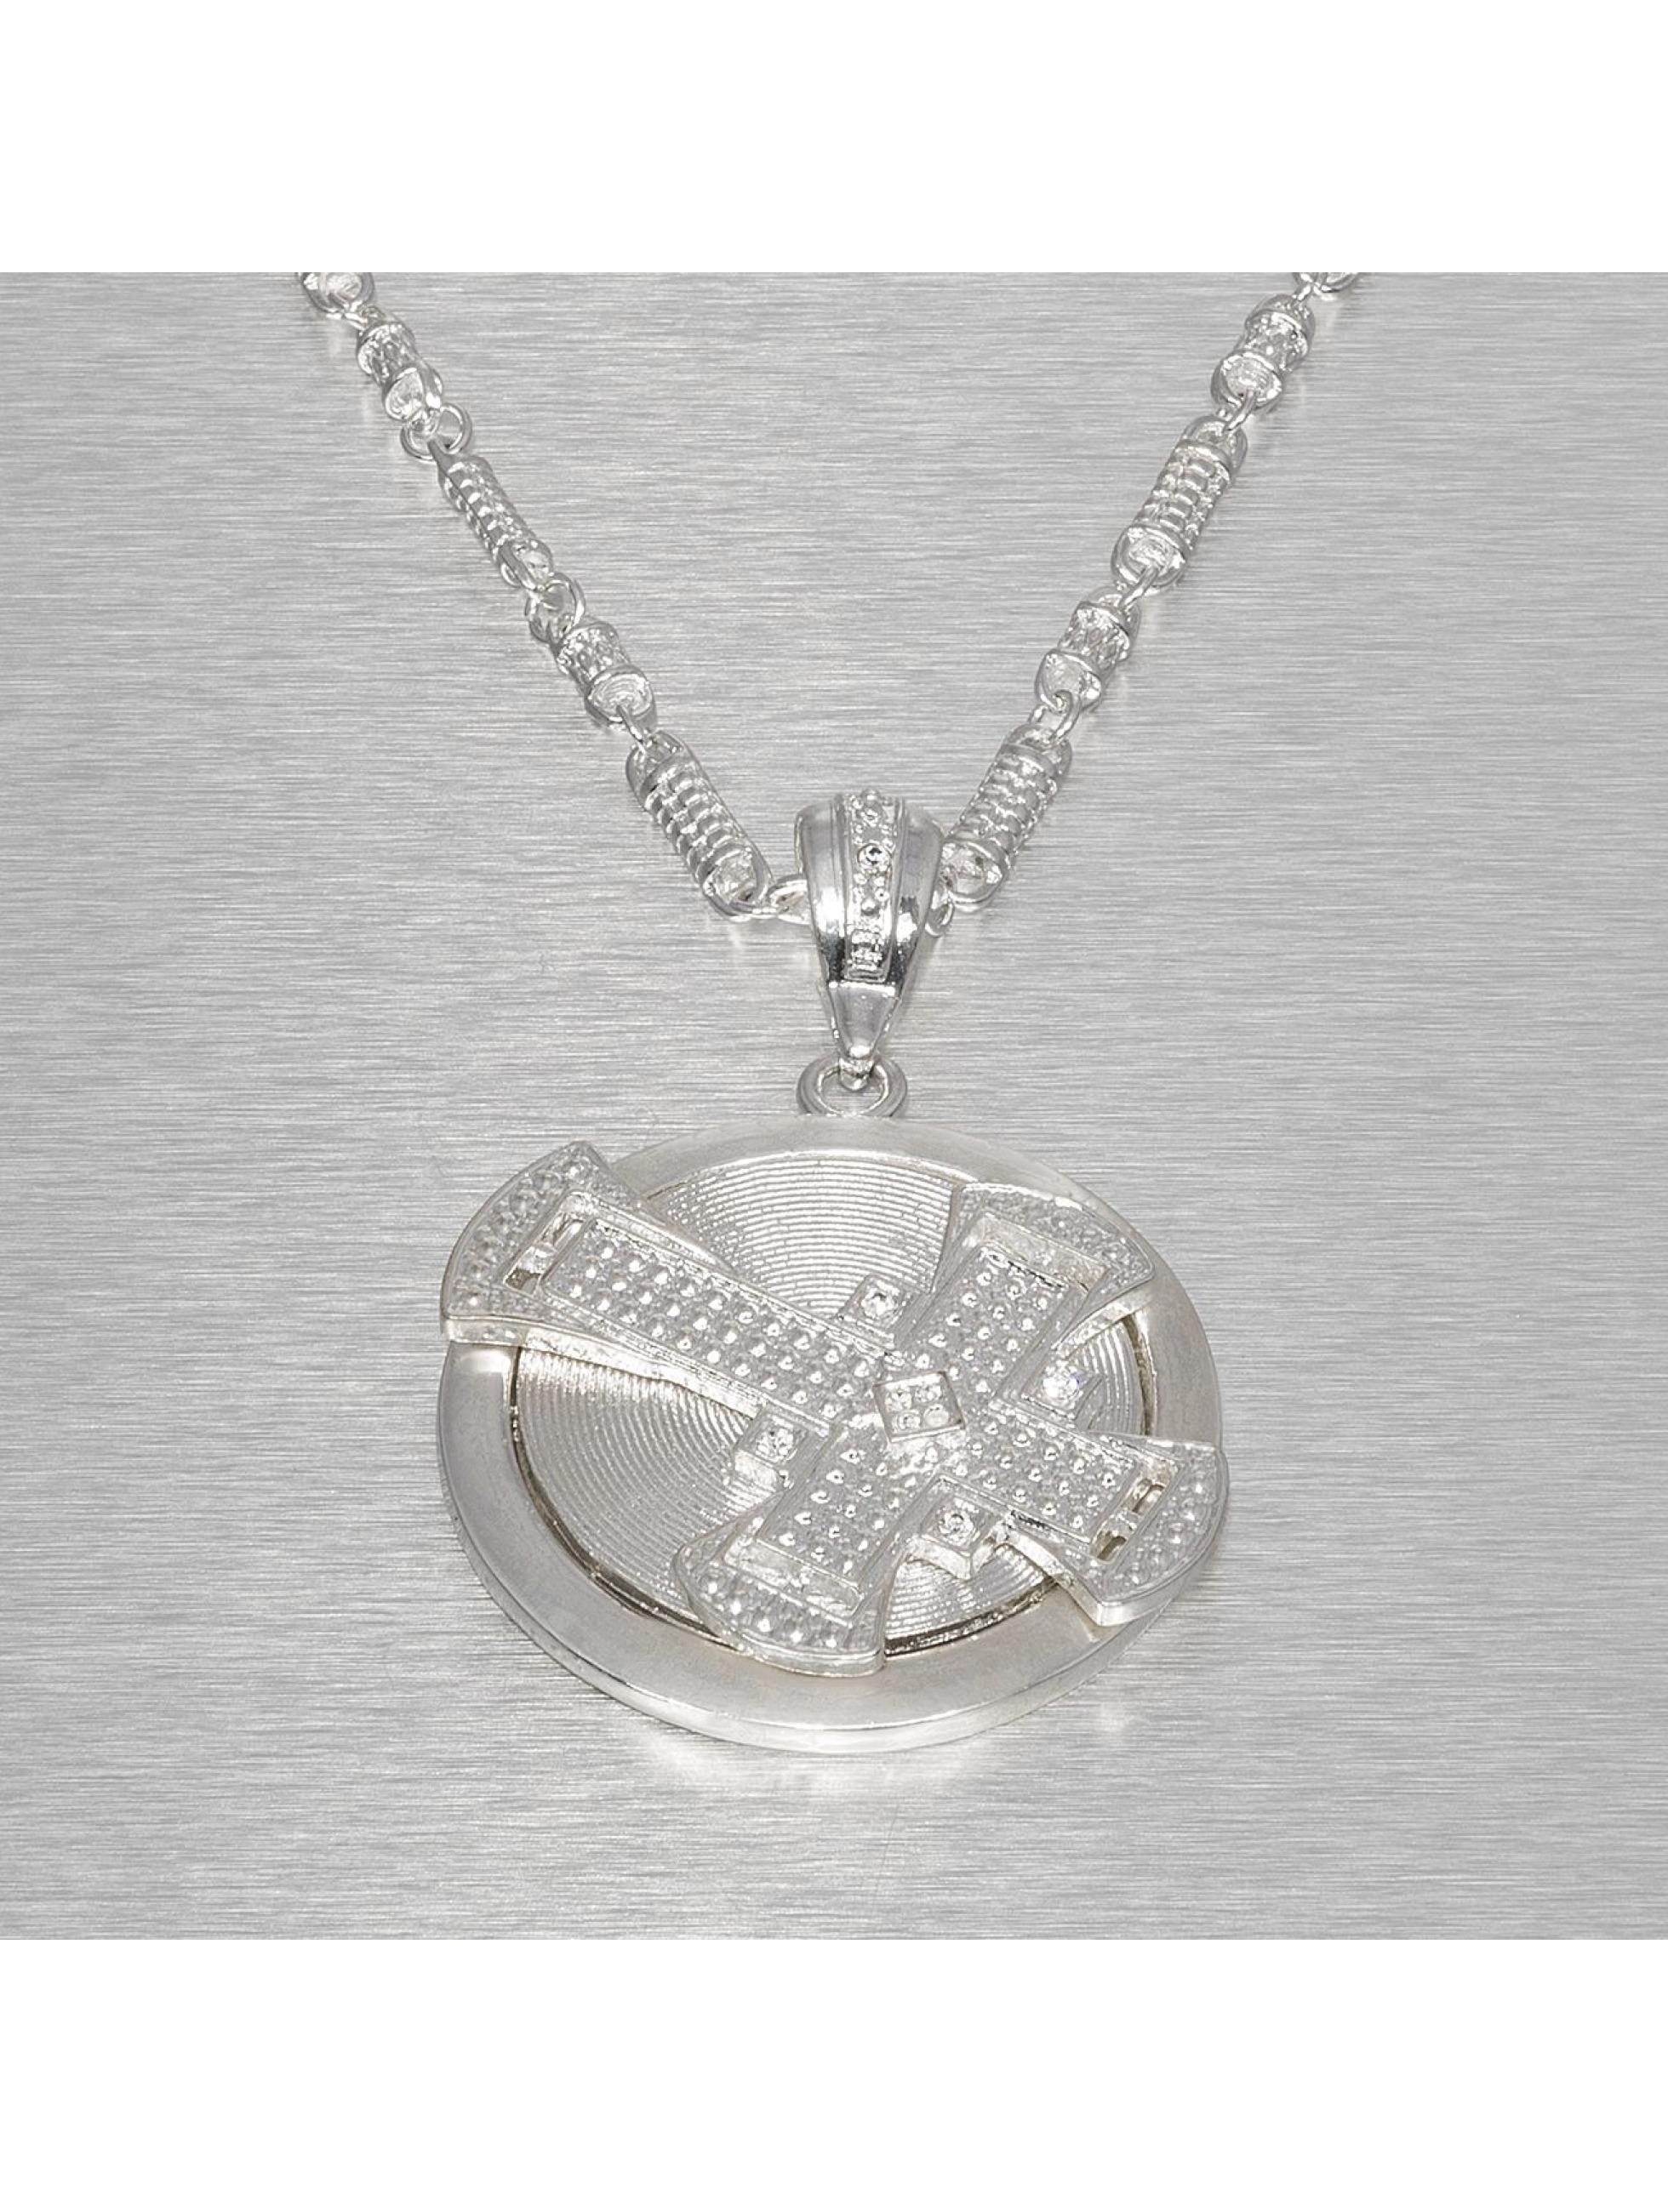 Paris Jewelry Цепочка Hip Hop Jewels Cross серебро